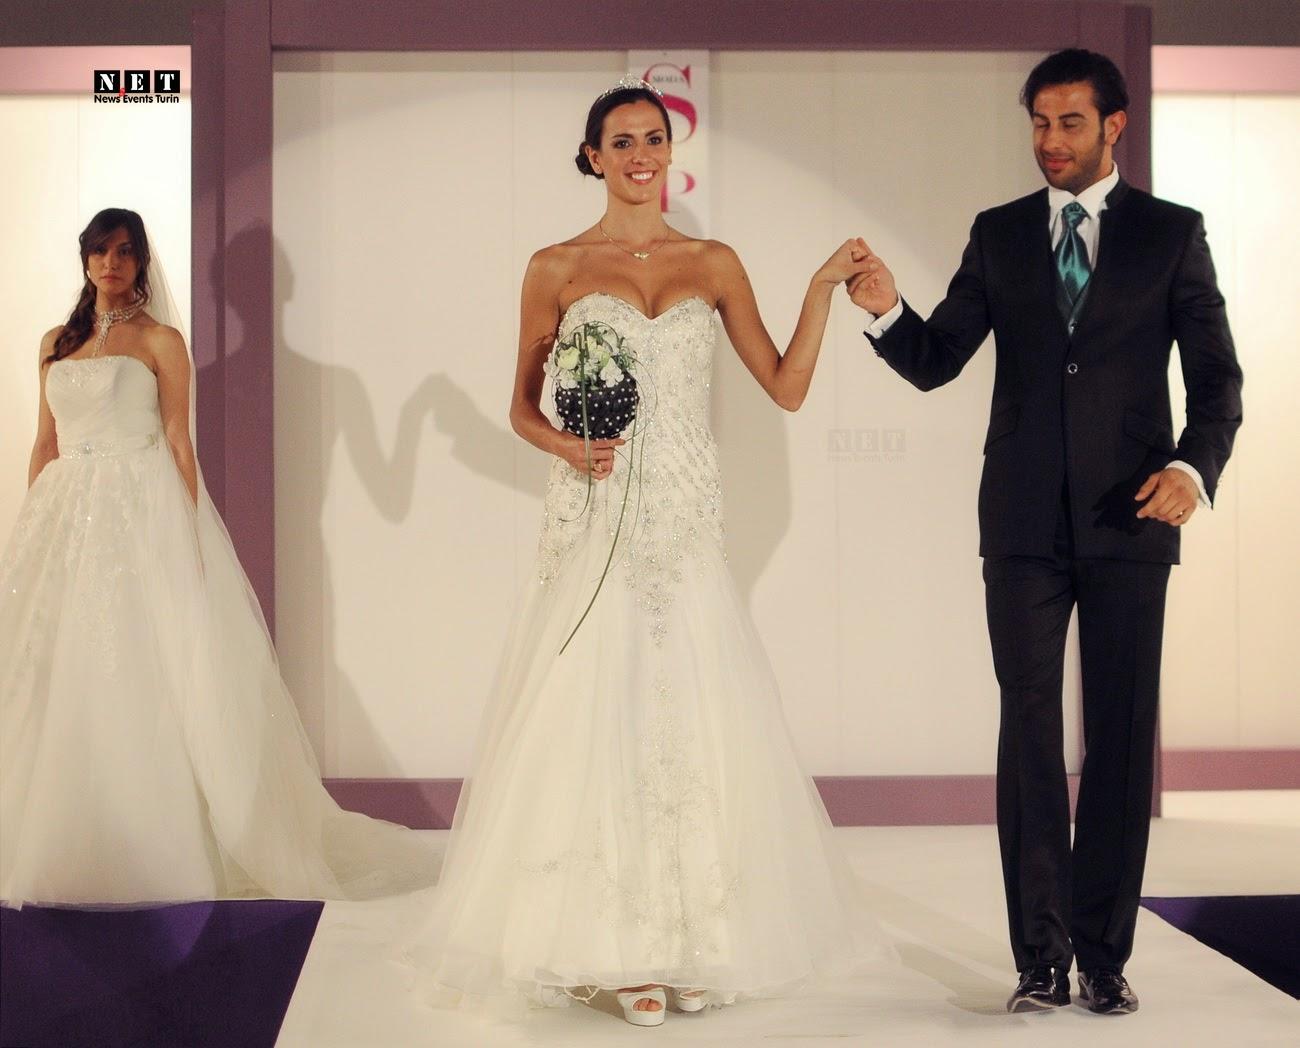 Свадьба Италия фото видео